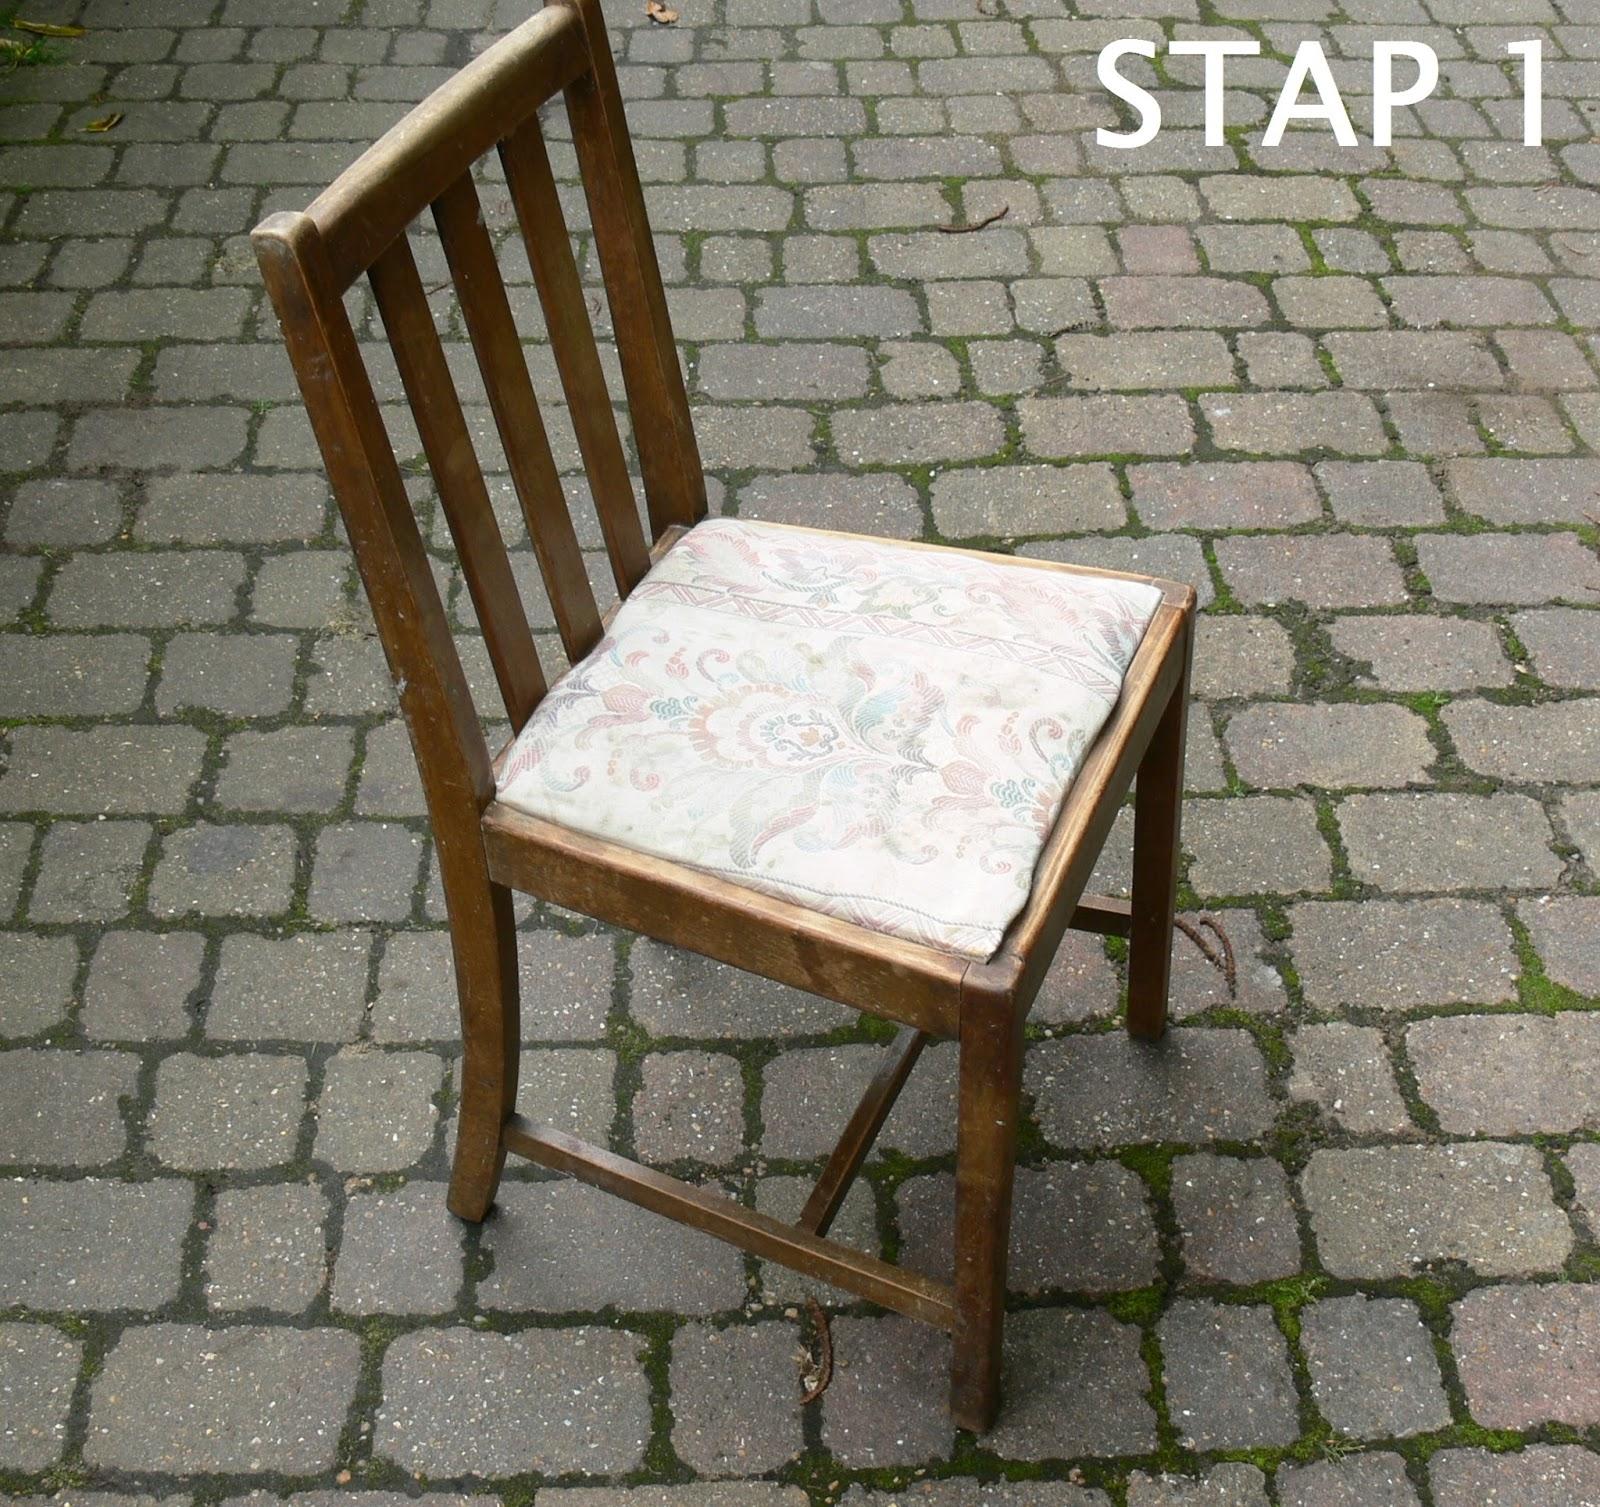 Interieur inspiratie blog van Els de Koning: Oude houten ...